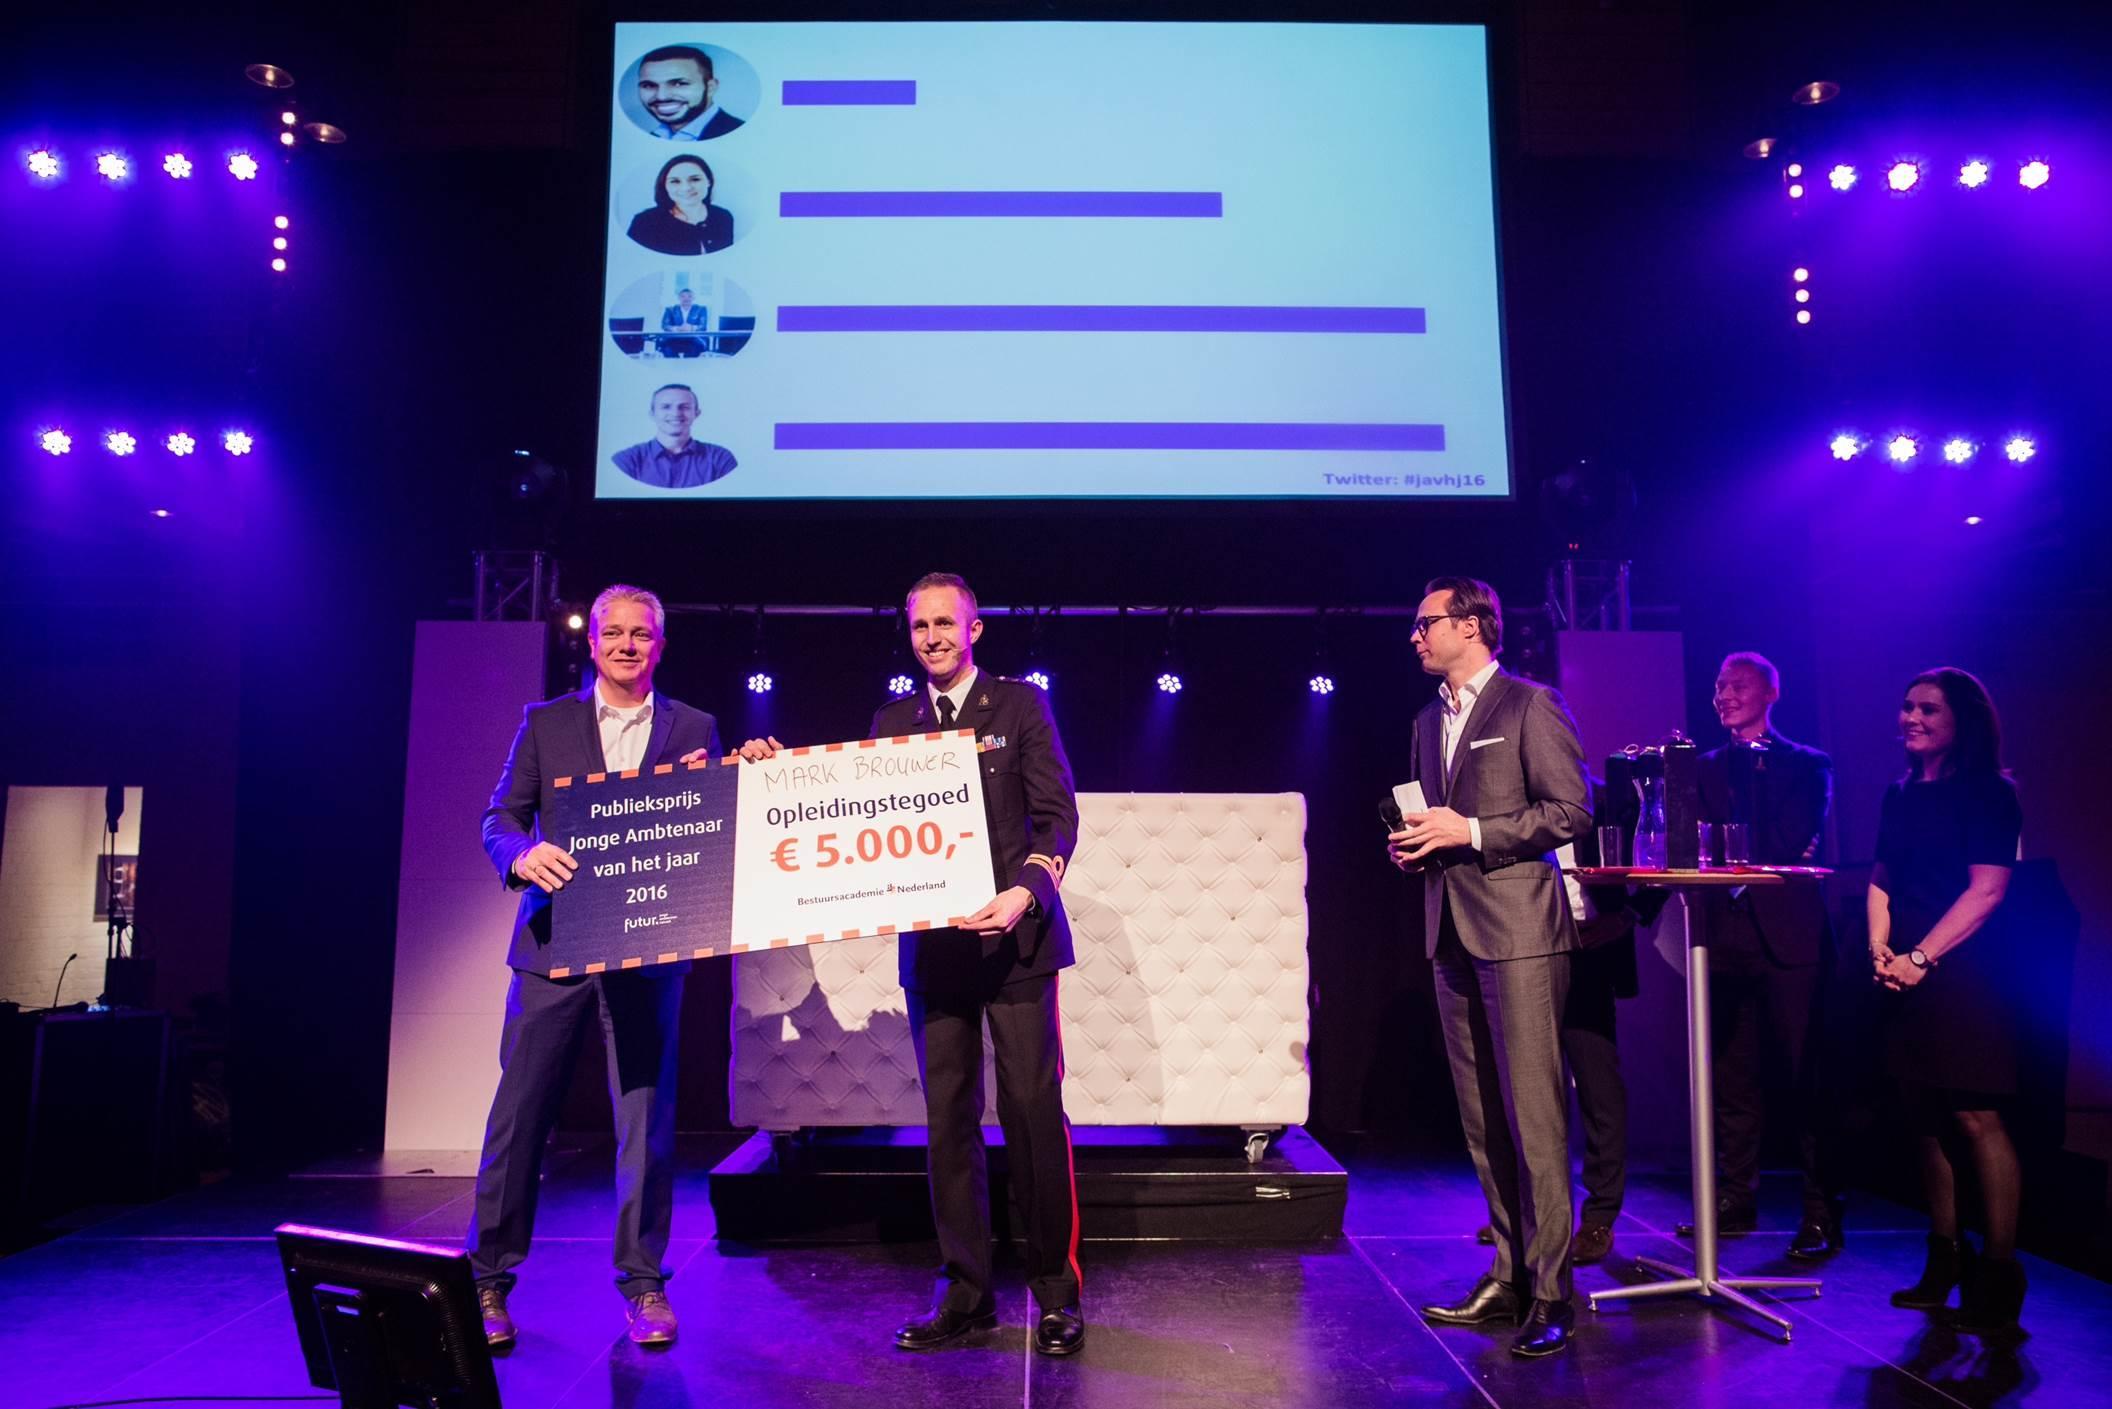 Kapitein Brouwer wint publieksprijs: 'niet ik, maar wij'